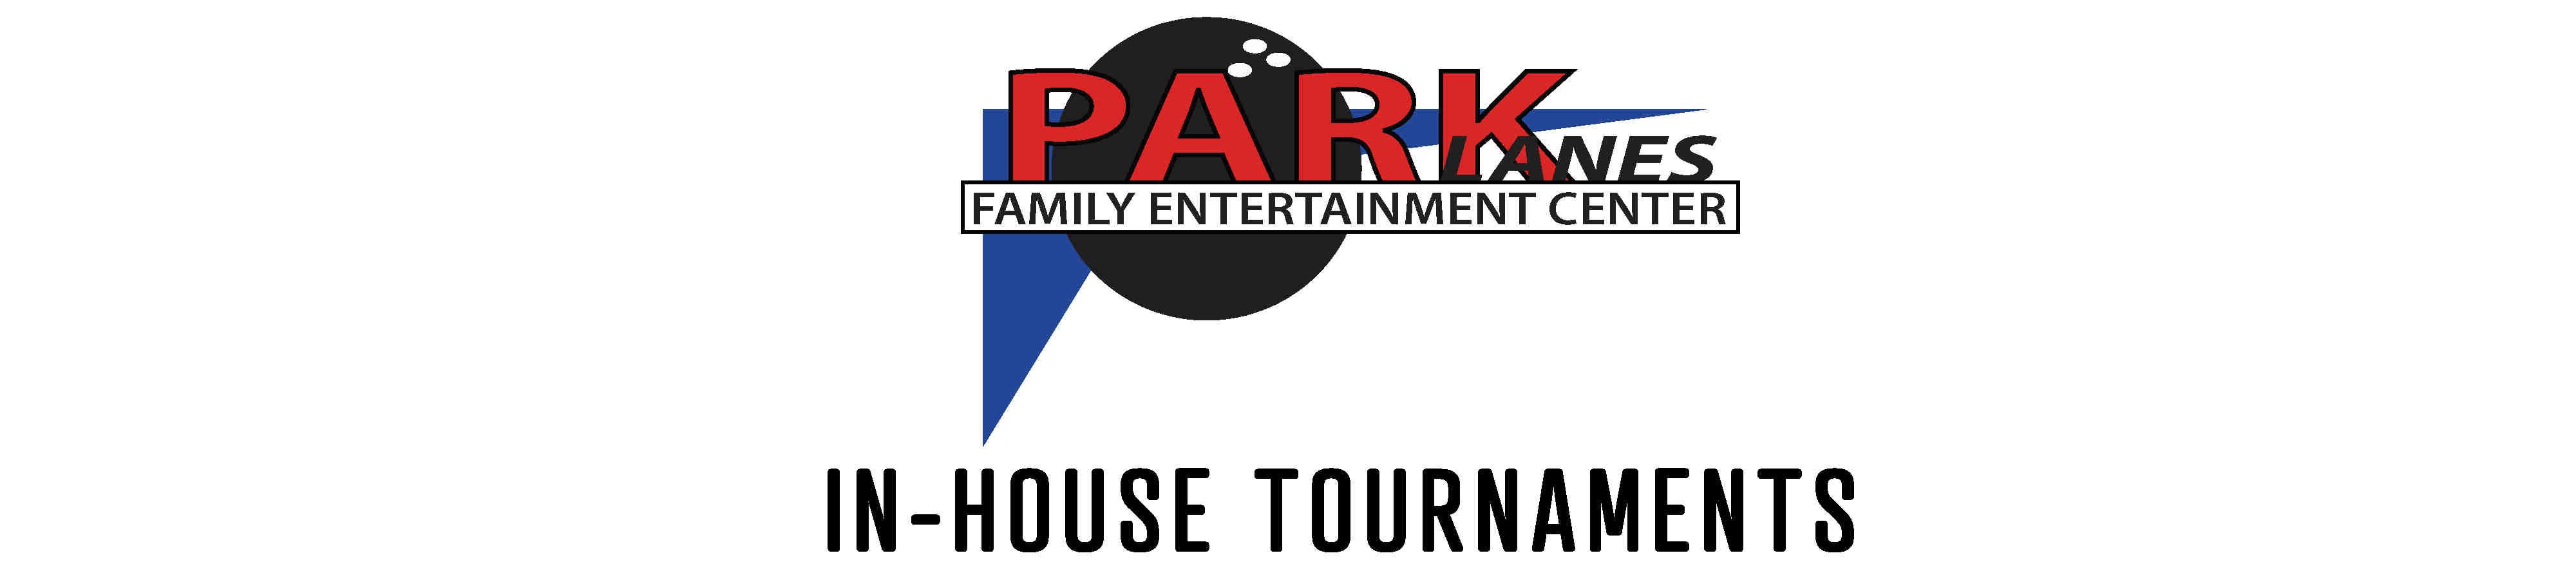 Park lanes tournaments